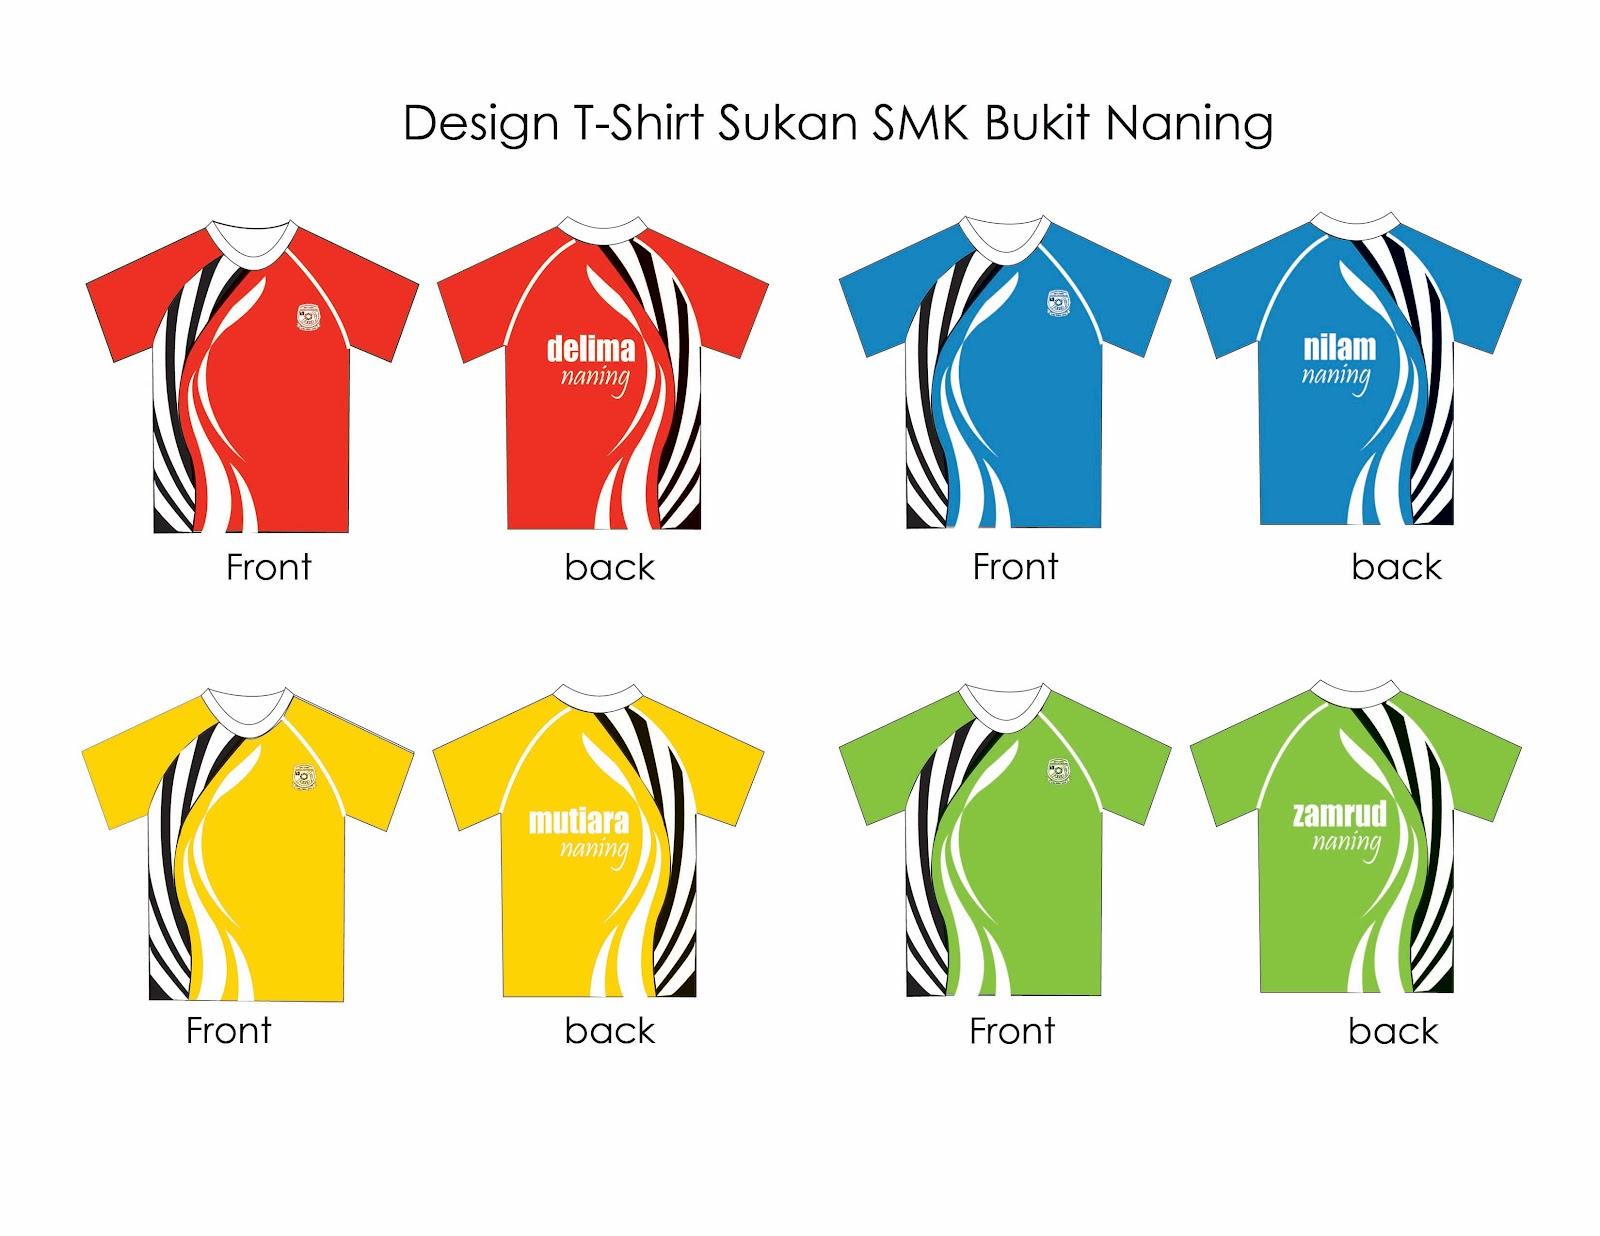 Design t shirt rumah sukan - Reka Bentuk T Shirt Rumah Sukan Smk Bukit Naning 2012